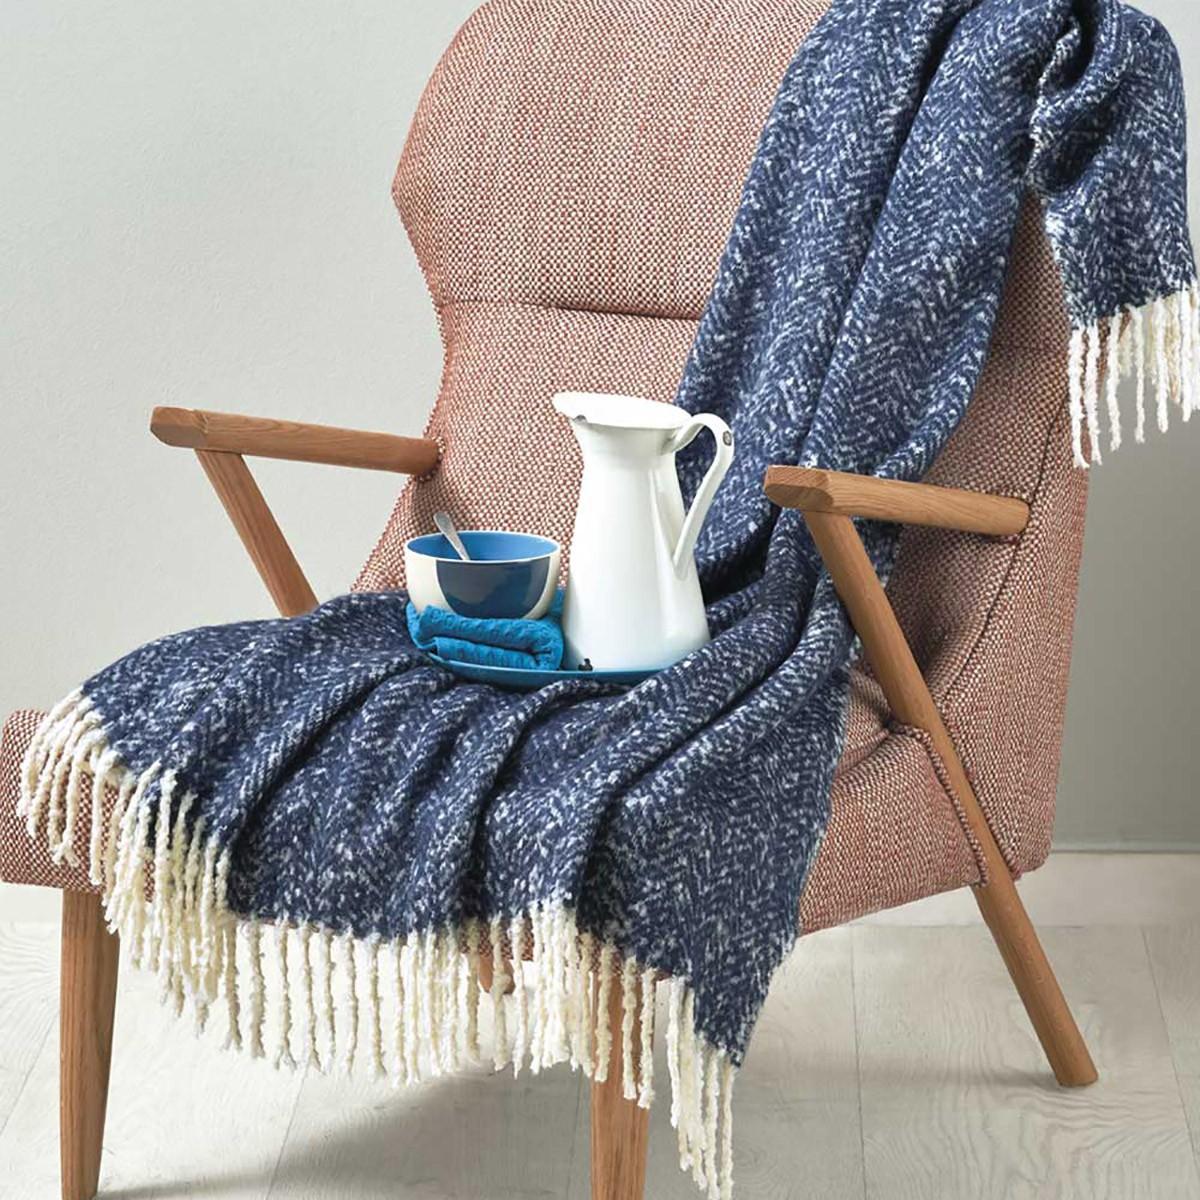 Κουβέρτα Καναπέ Πλεκτή Kentia Stylish Harper home   σαλόνι   κουβέρτες καναπέ